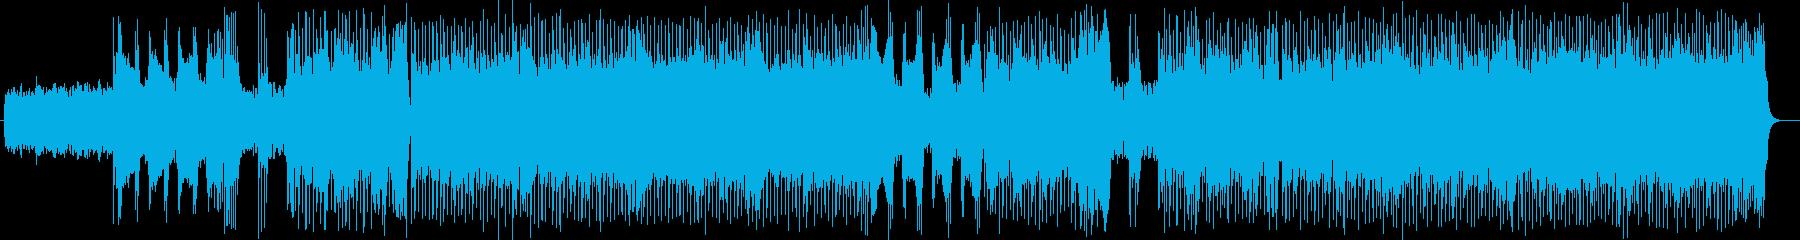 ポップで躍動感があるギターとピアノ等の曲の再生済みの波形